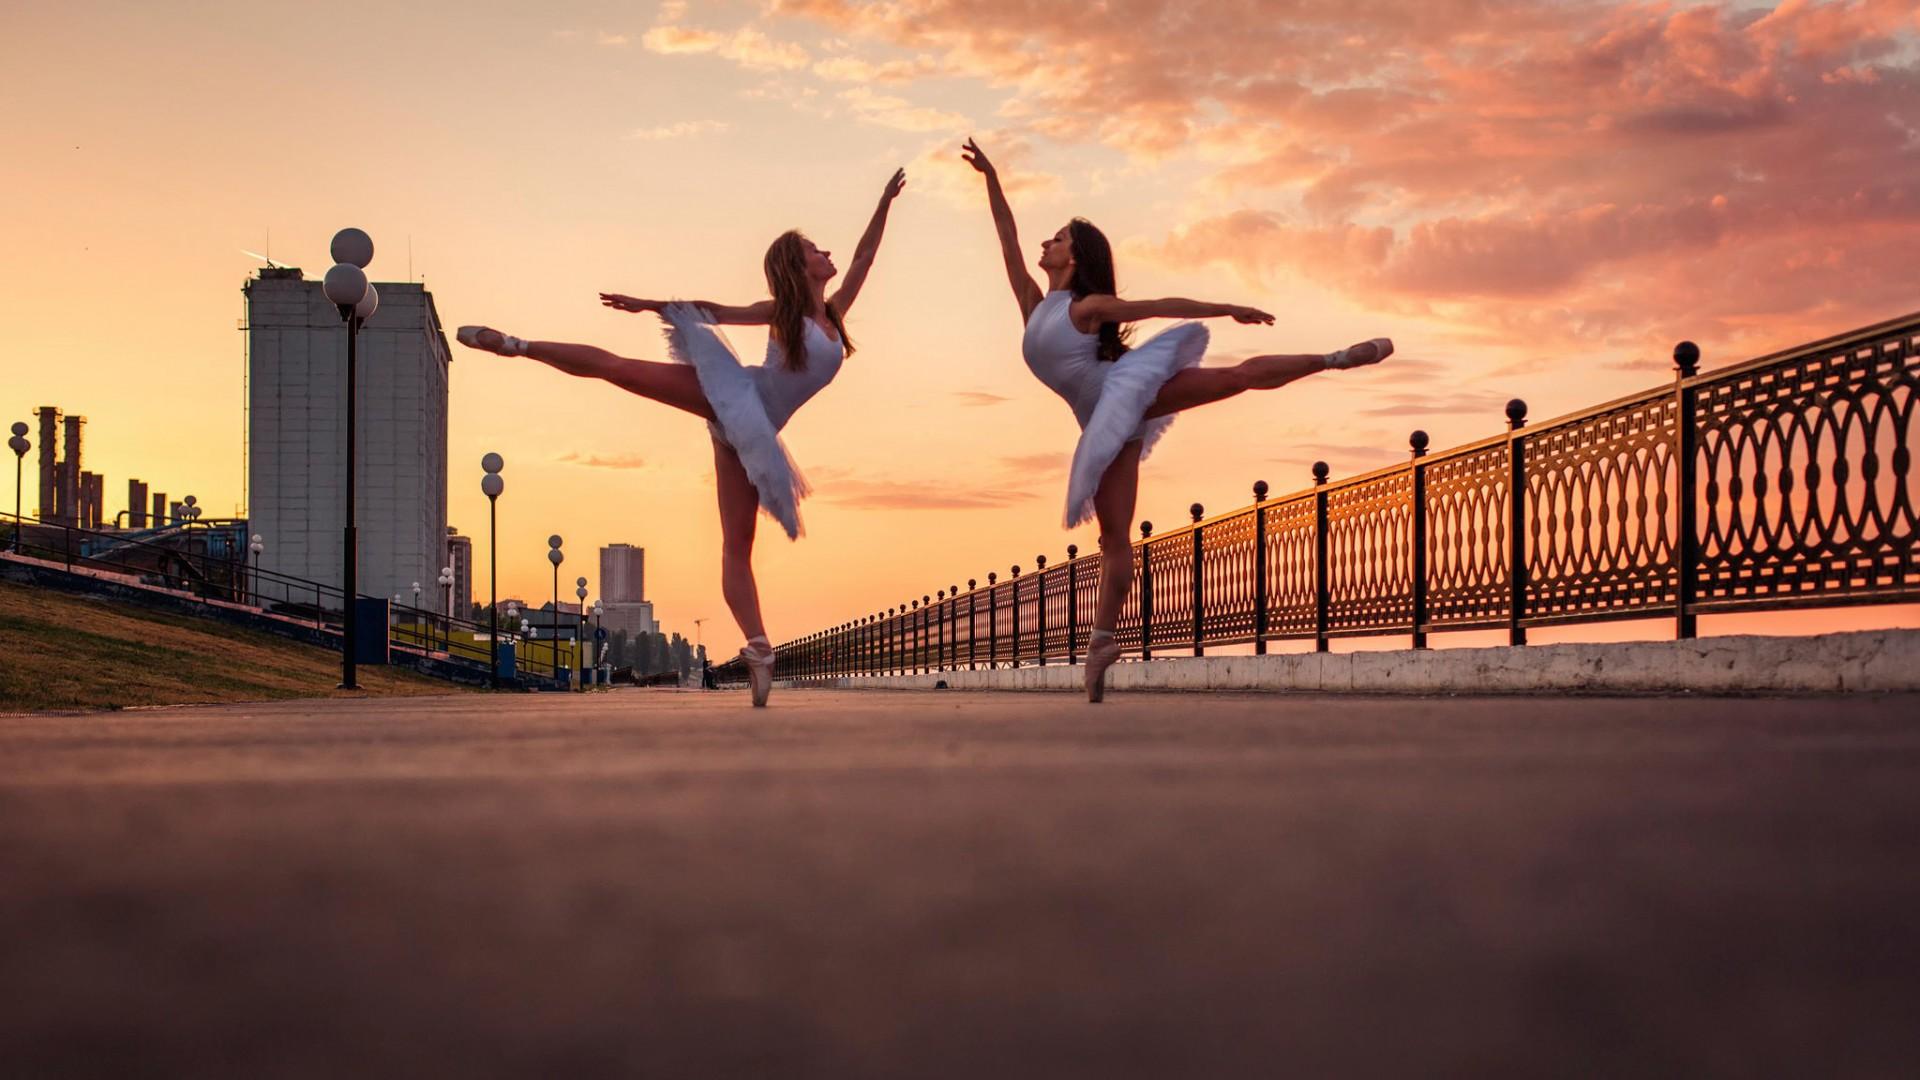 Sunset Ballerina Dancers Hd Wallpaper